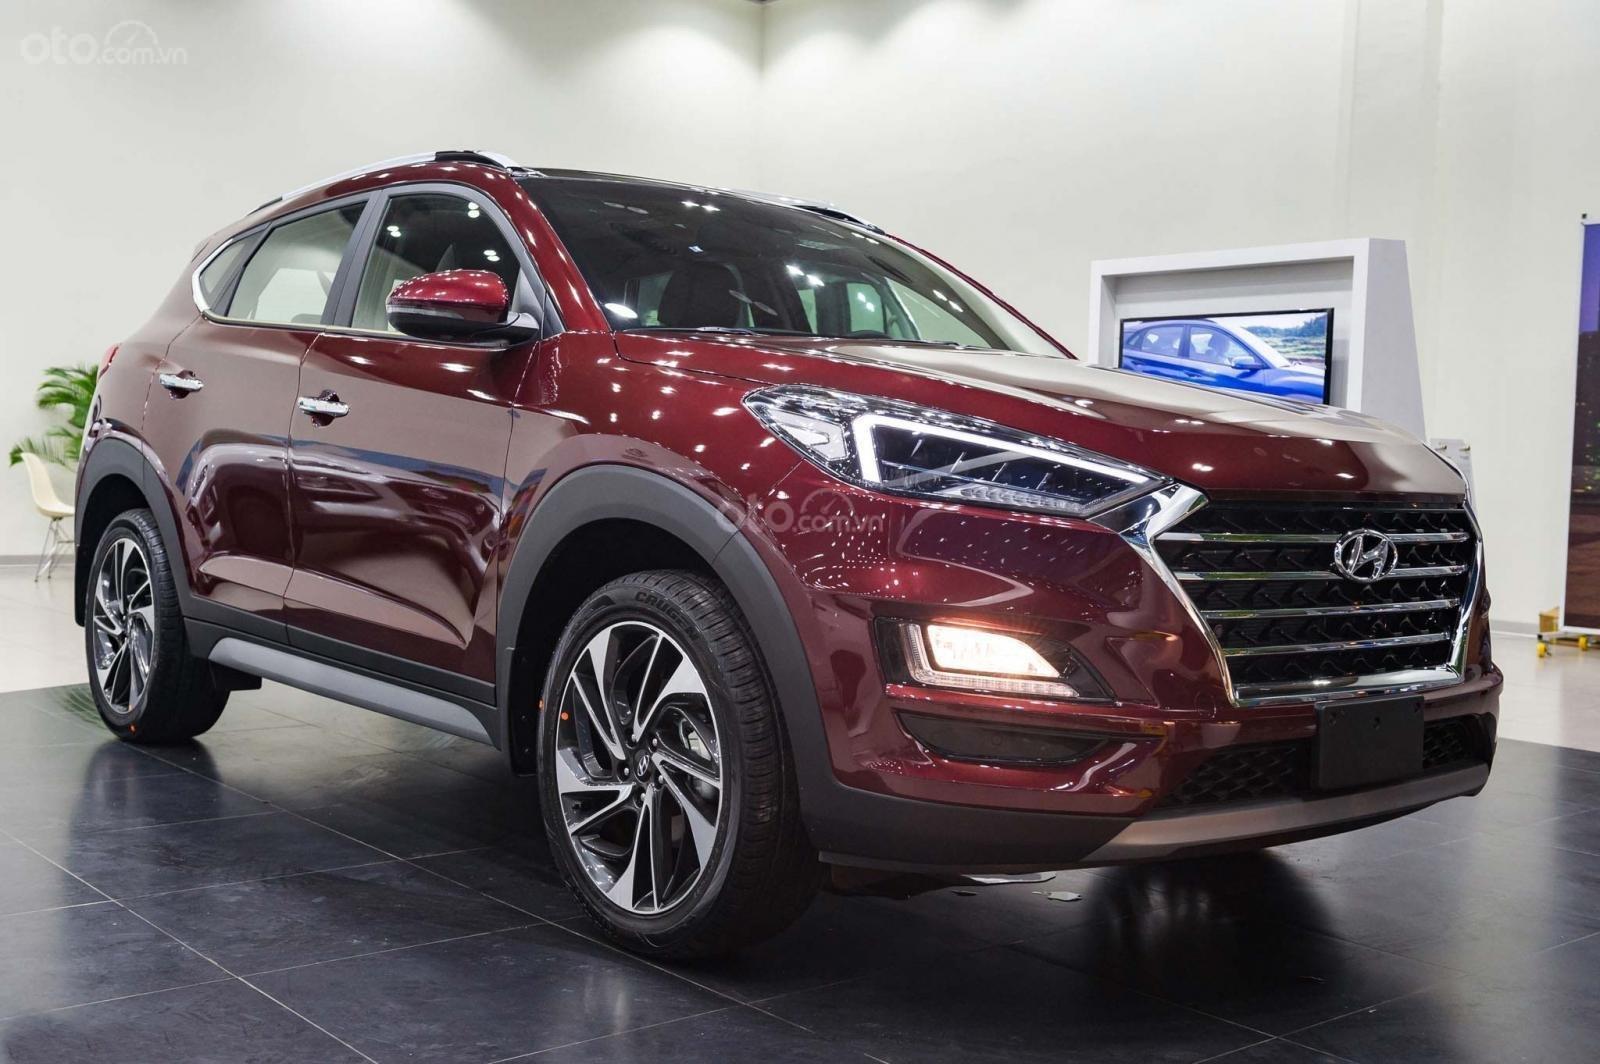 Hyundai Tucson Facelip 2019, chương trình khuyến mãi lên đến 15 triệu. LH ngay 09.387.383.06 (2)